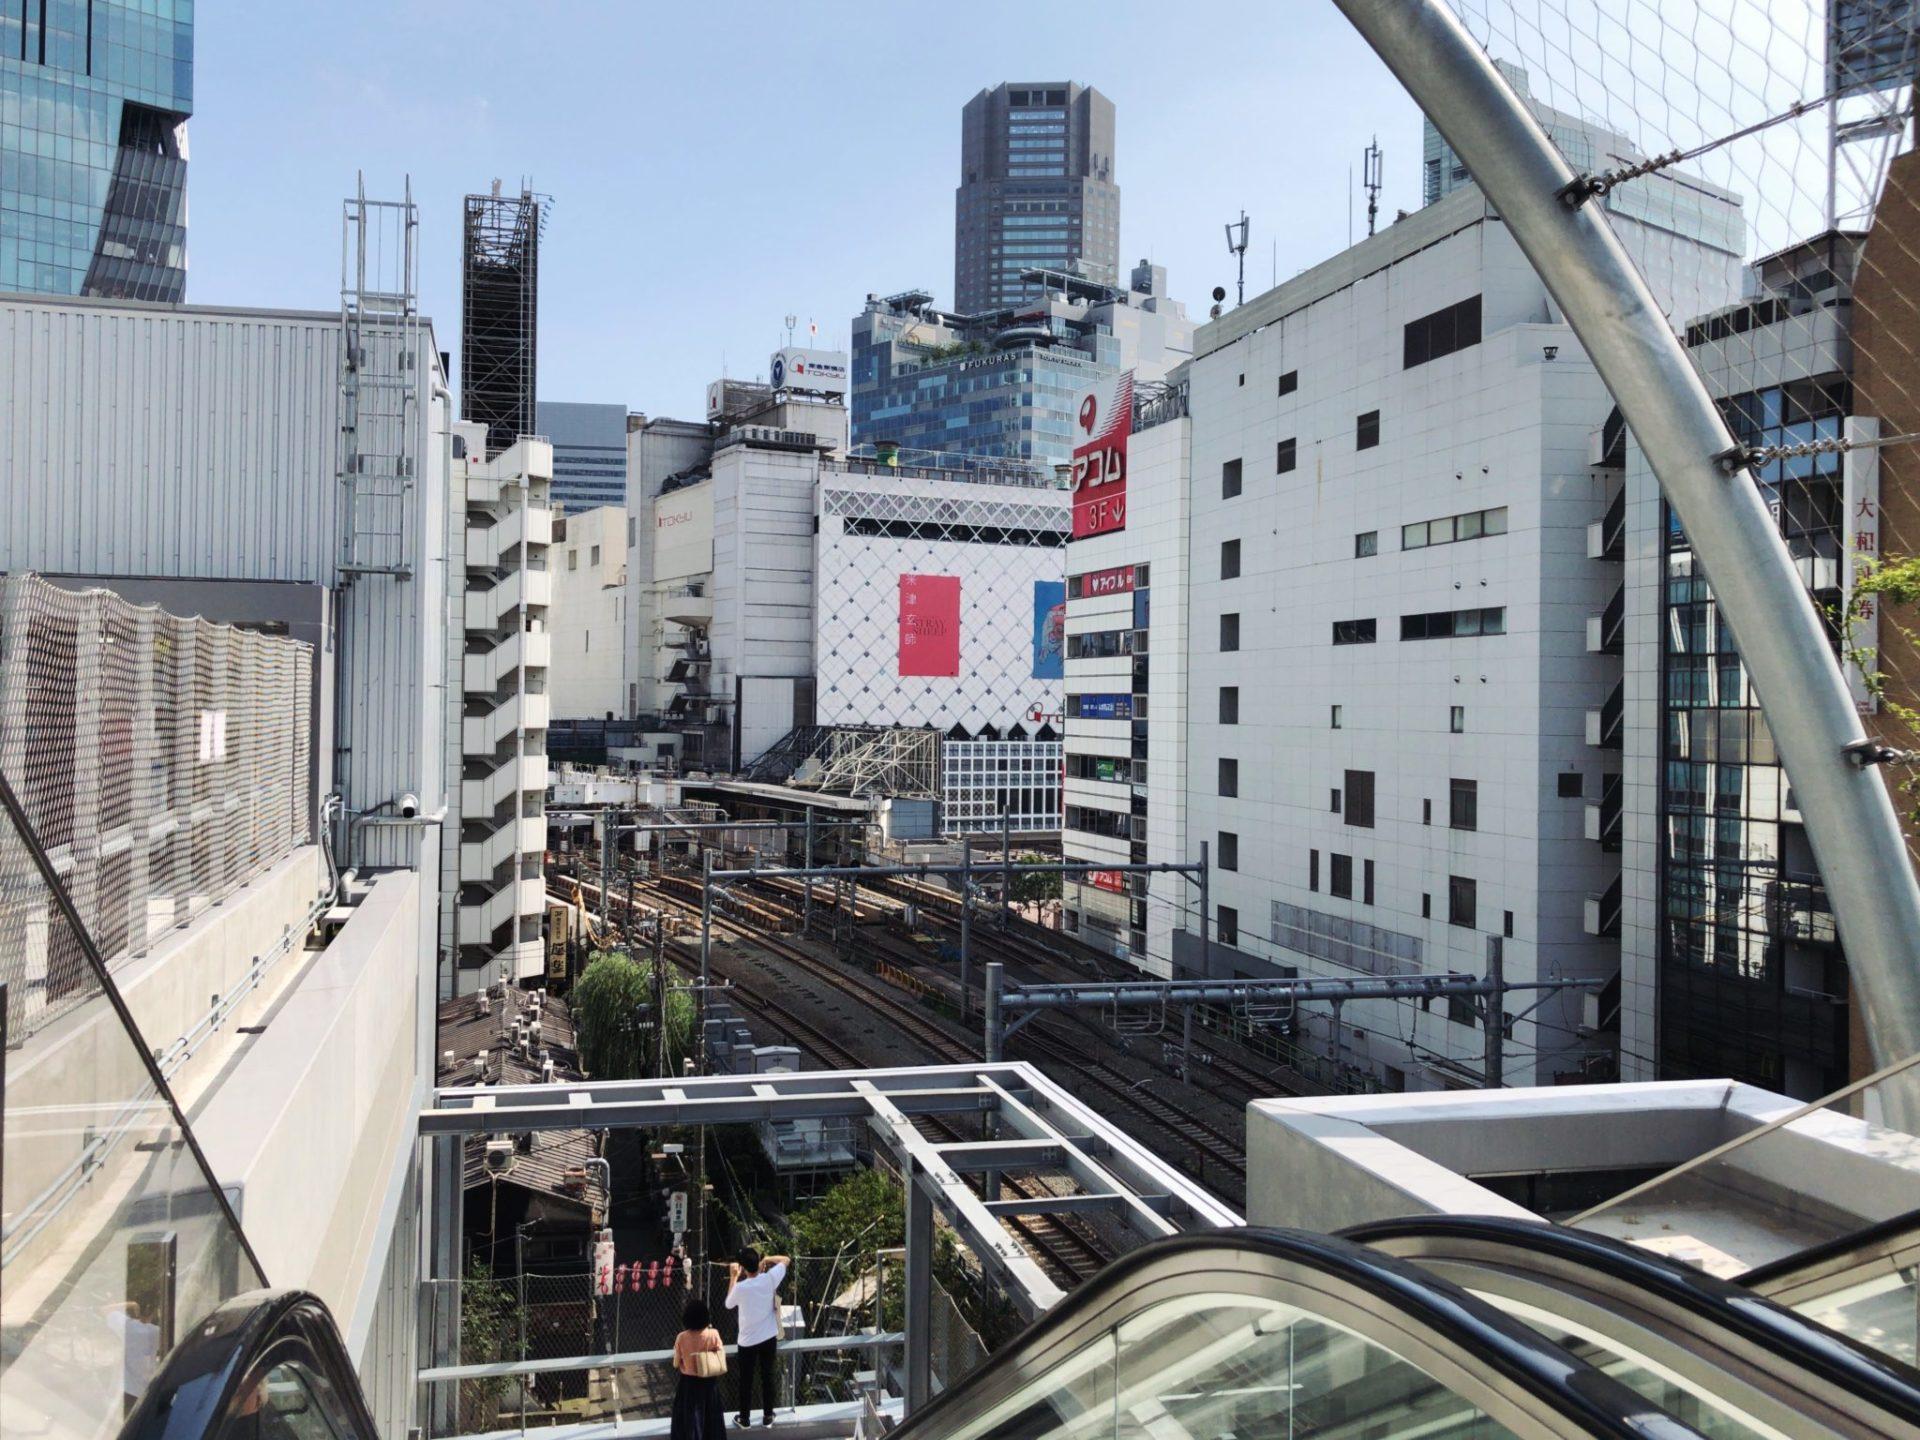 ミヤシタパーク(MIYASHITA PARK)屋上部 渋谷区立宮下公園からの眺め